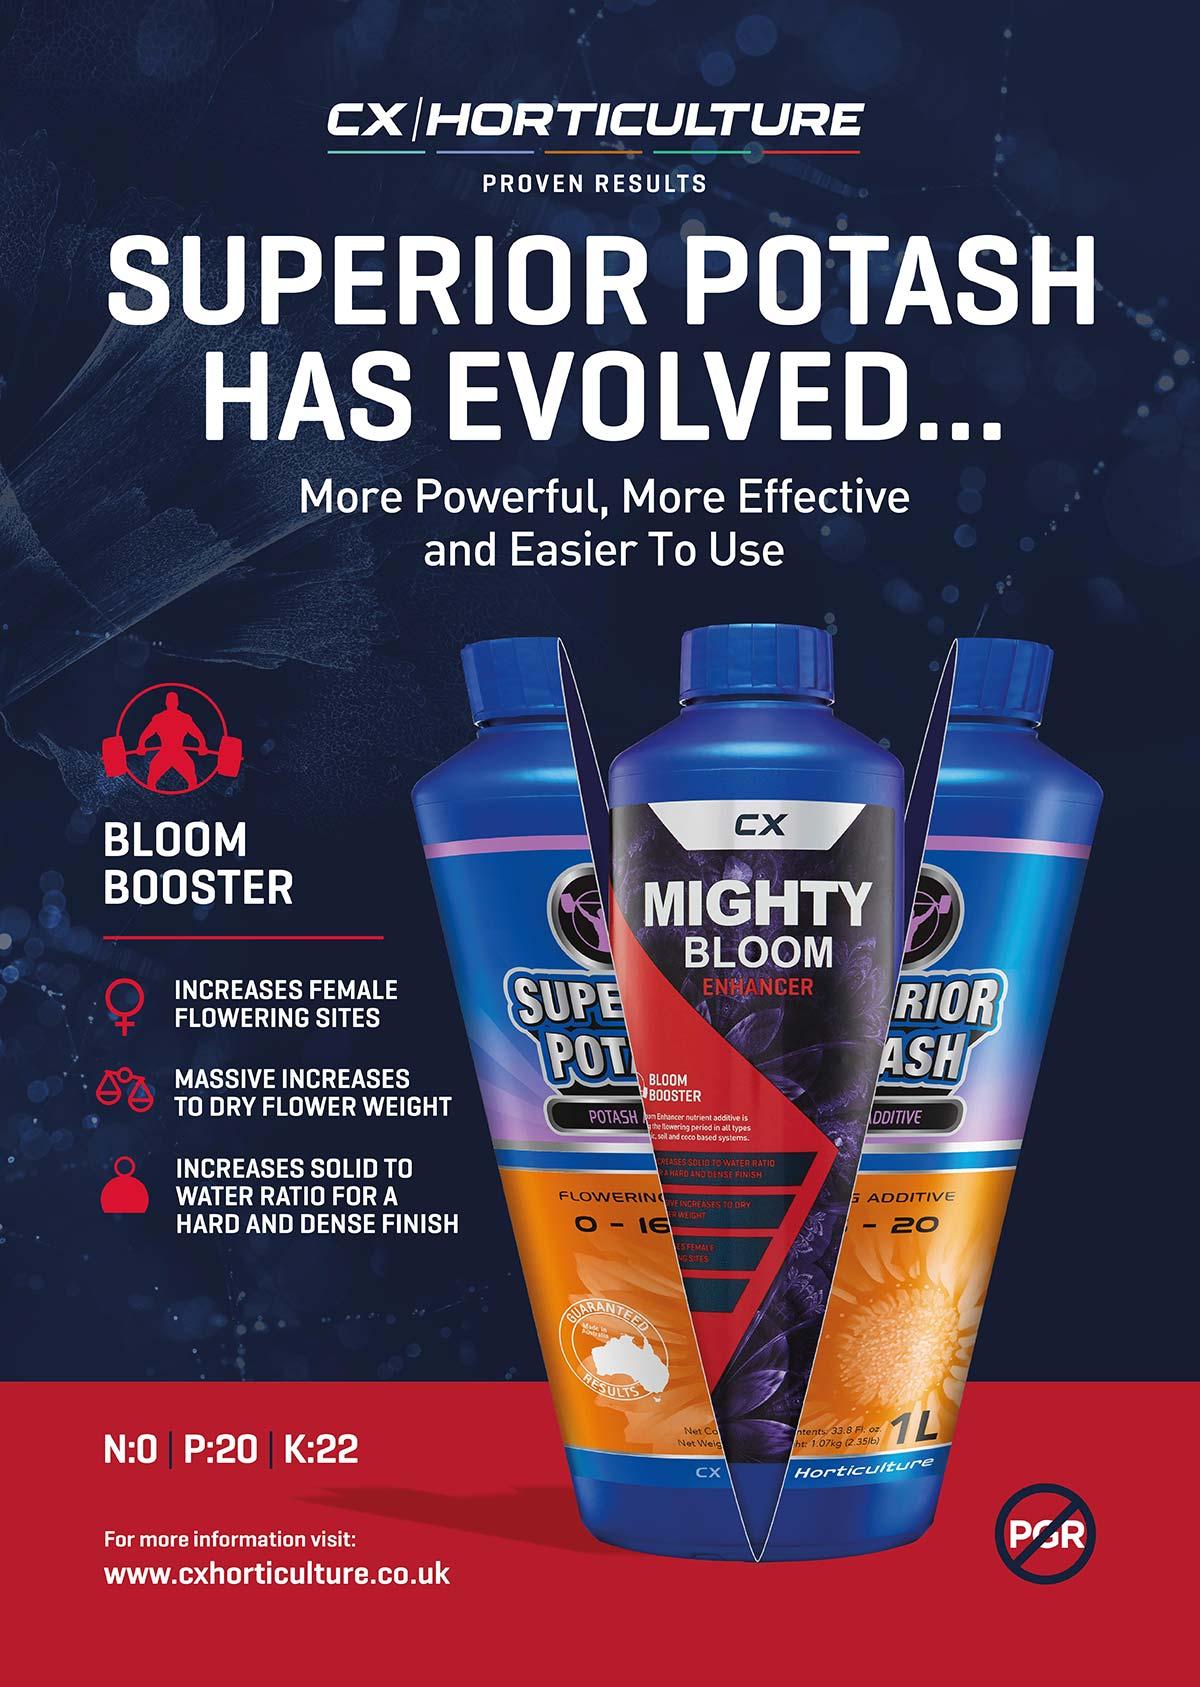 CX Superior Potash becomes Mighty Bloom Enhancer